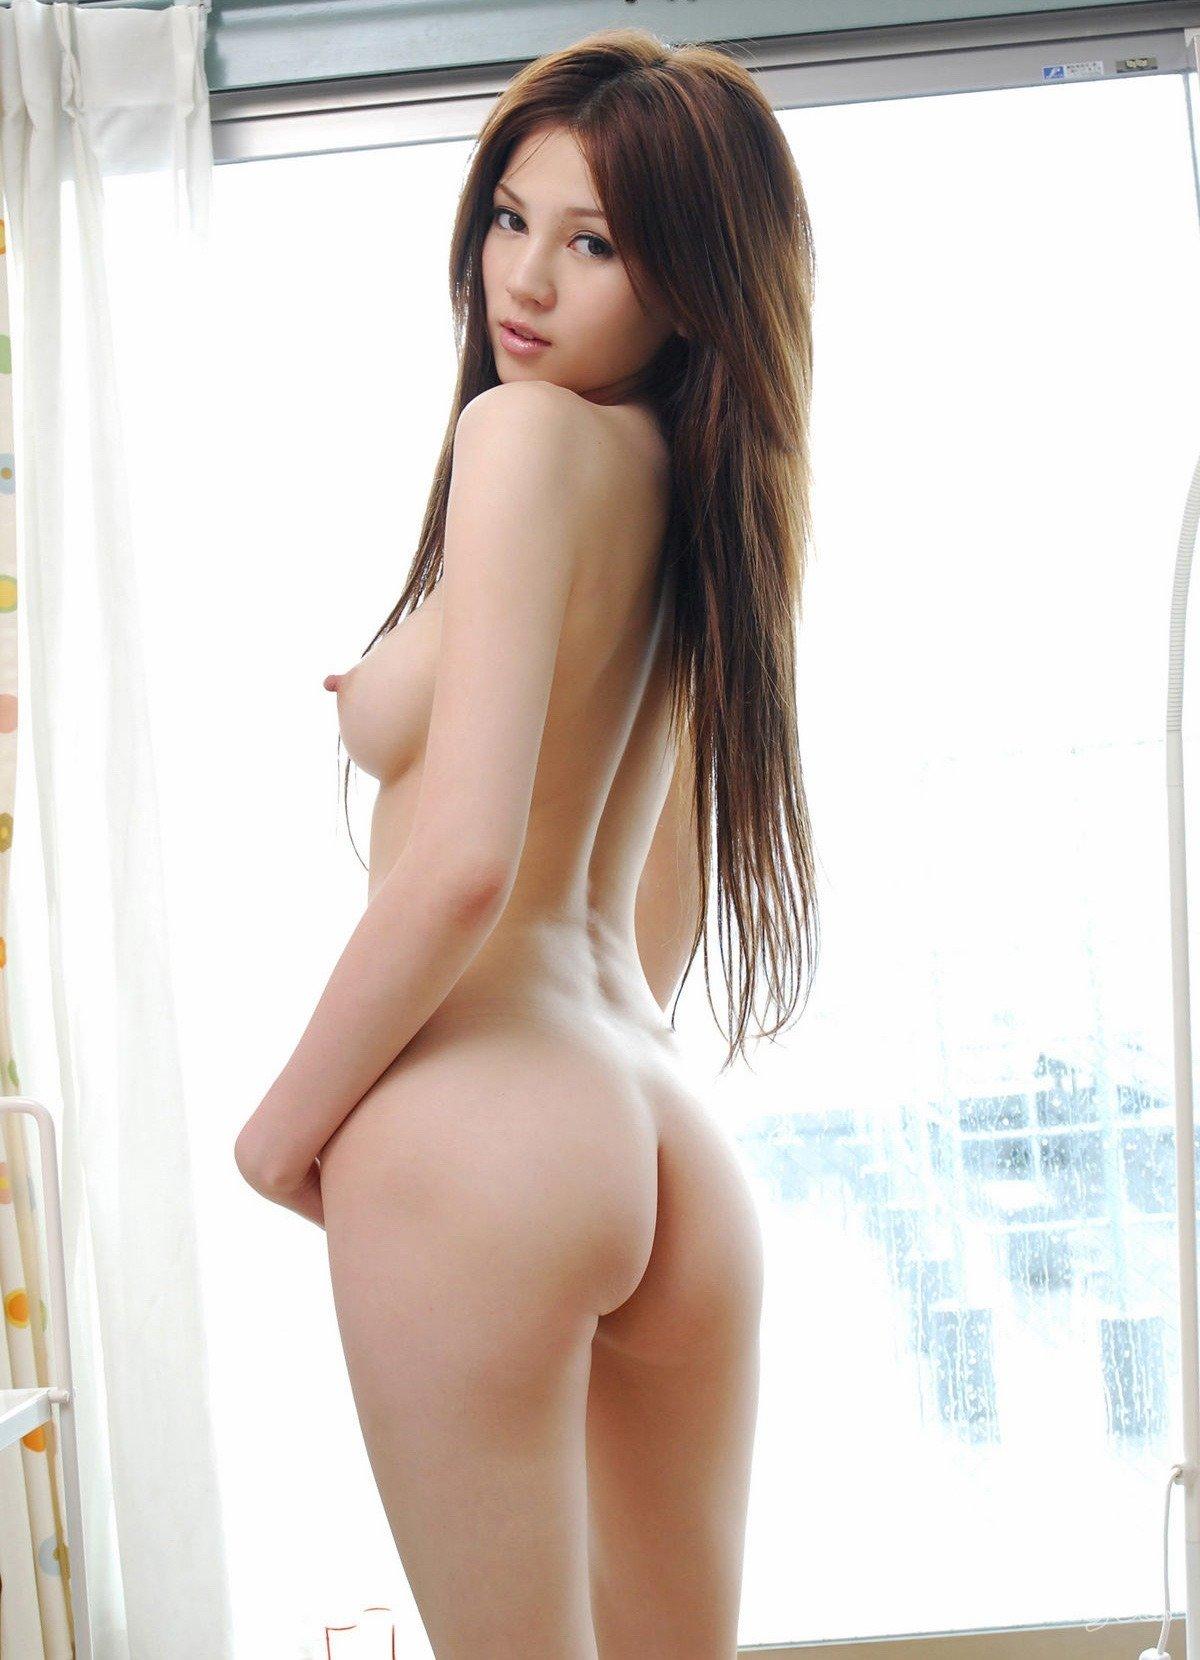 Naked Hot Asian Girls